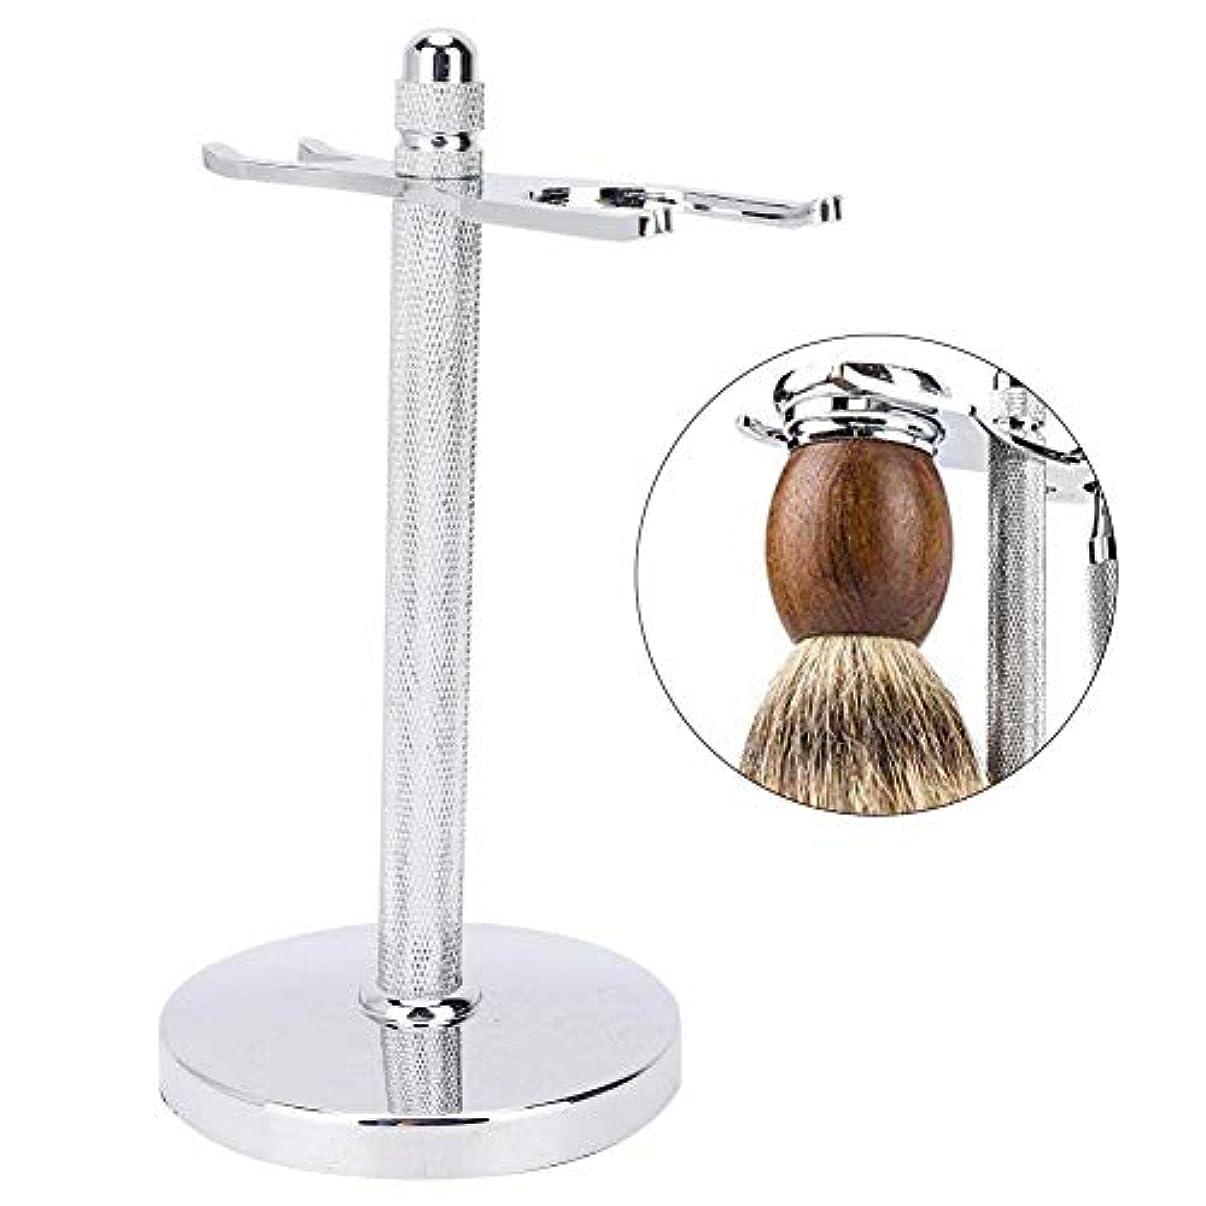 そばにシンジケート誰が手動剃毛ホルダーブラシホルダー亜鉛合金双頭ブラシホルダー取り外し可能なクリーニング製品